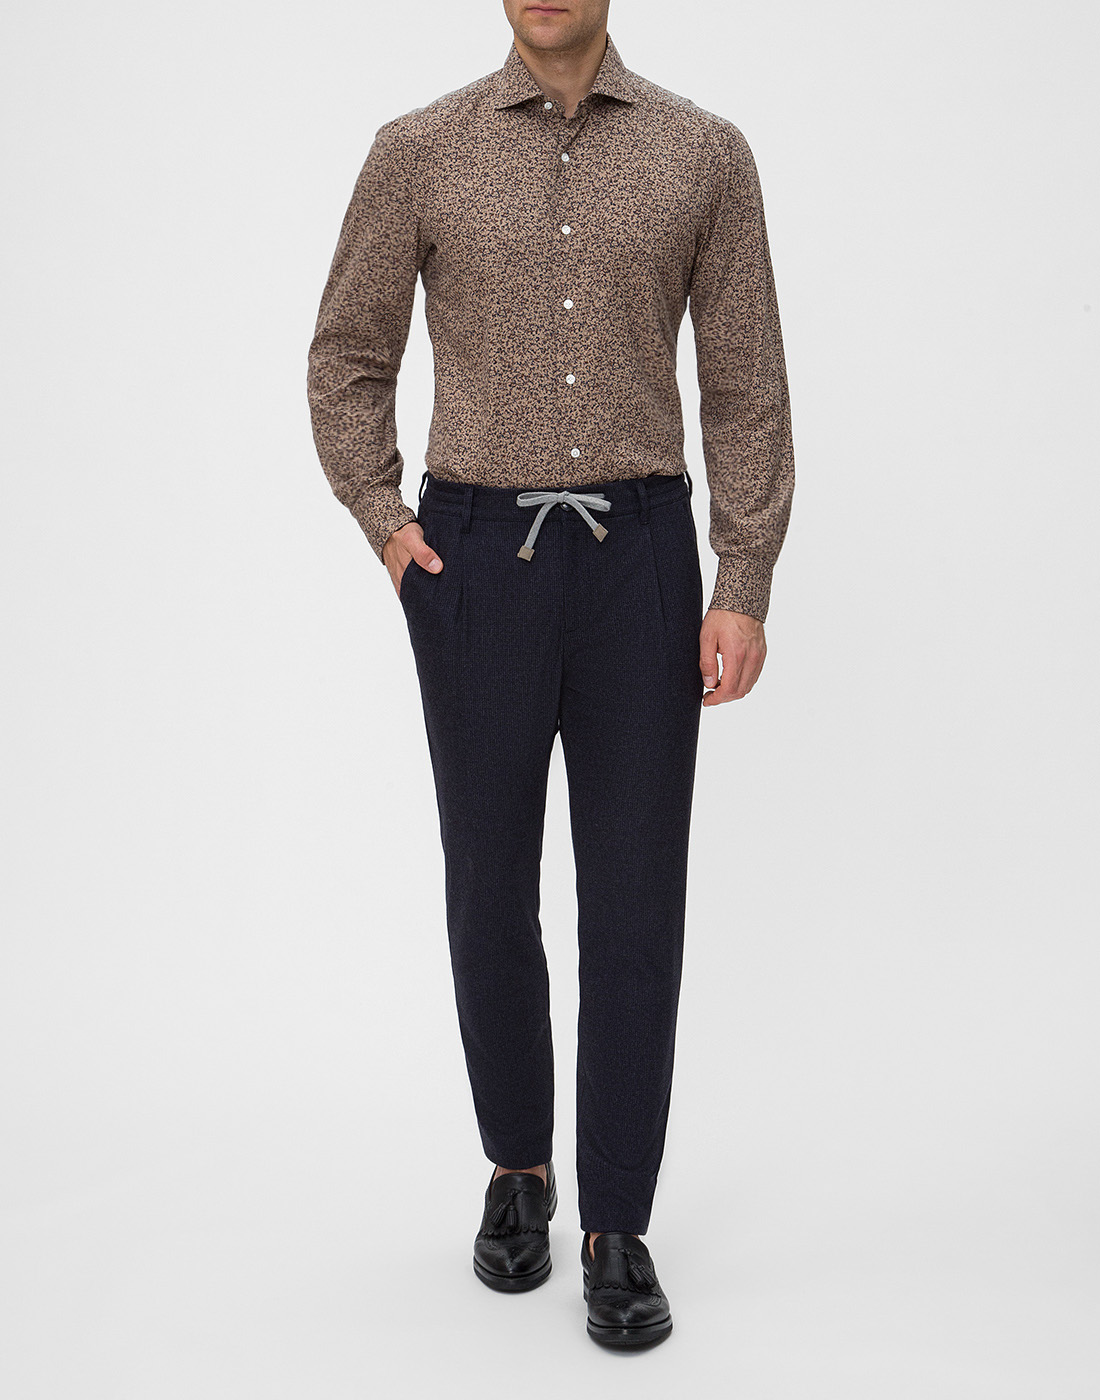 Мужская коричневая рубашка с принтом Barba SD2U133601602U-5